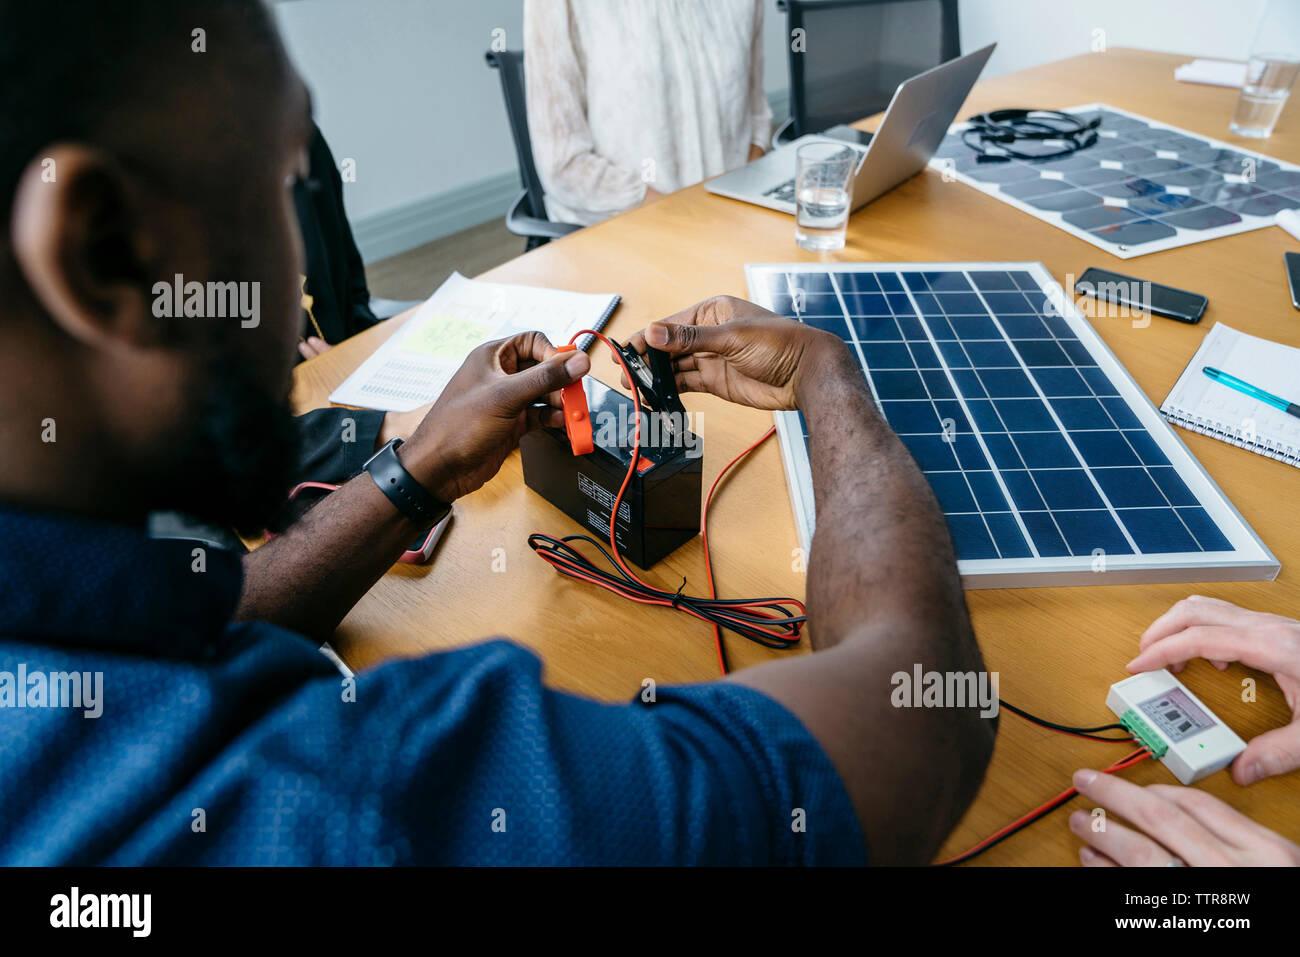 Cerca del empresario adjuntando clips metálicos sobre la batería mientras está trabajando en el modelo de panel solar Imagen De Stock